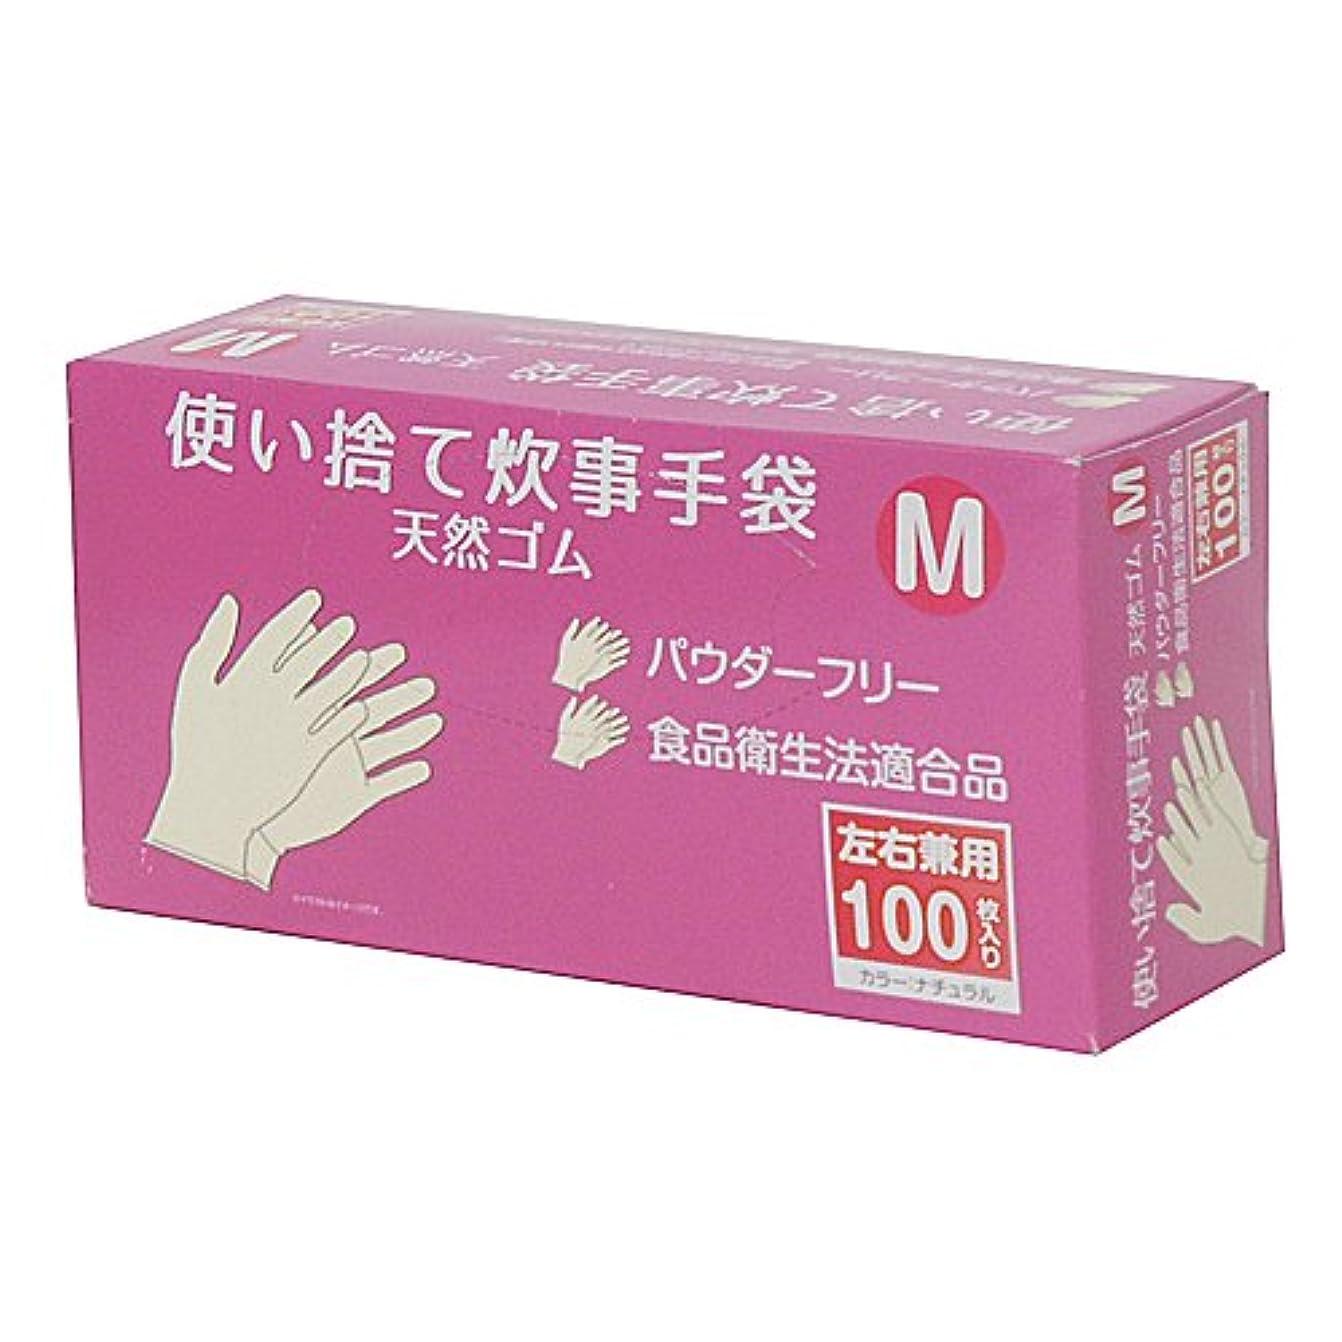 謙虚ななにとても多くのコーナンオリジナル 使い捨て 炊事手袋 天然ゴム 100枚入り M KFY05-1128